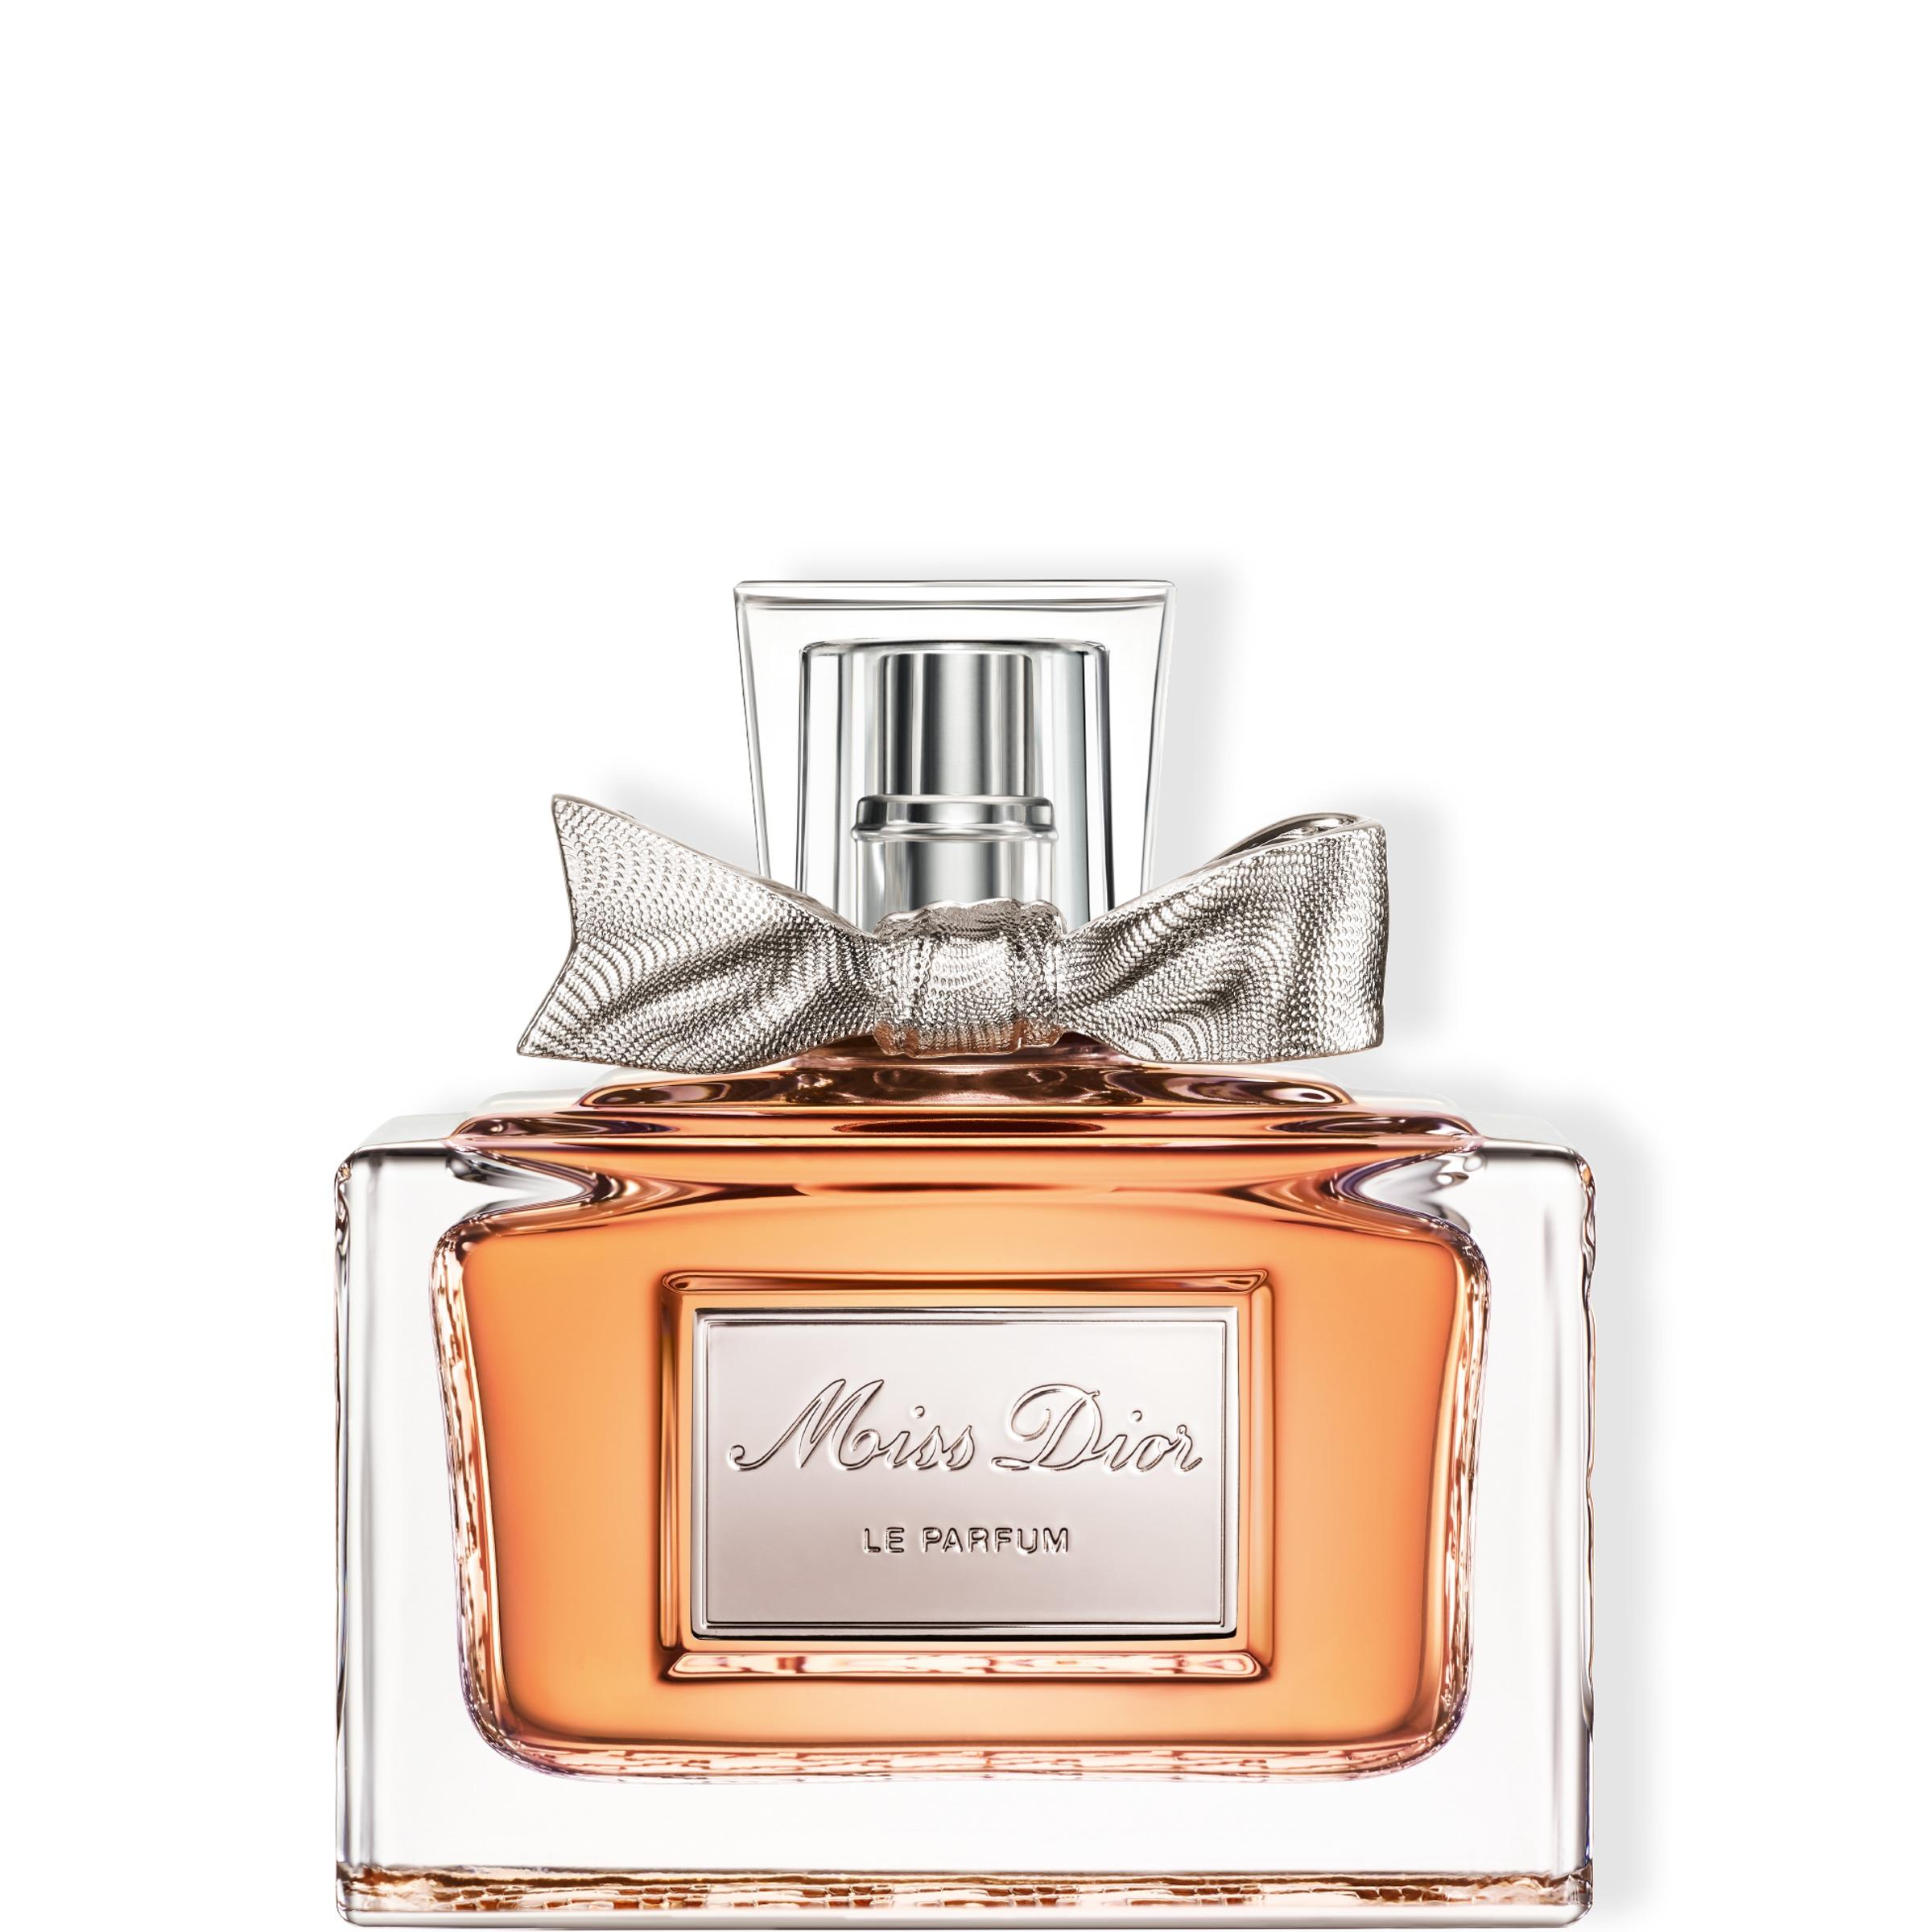 Miss Dior Le Parfum 40ml